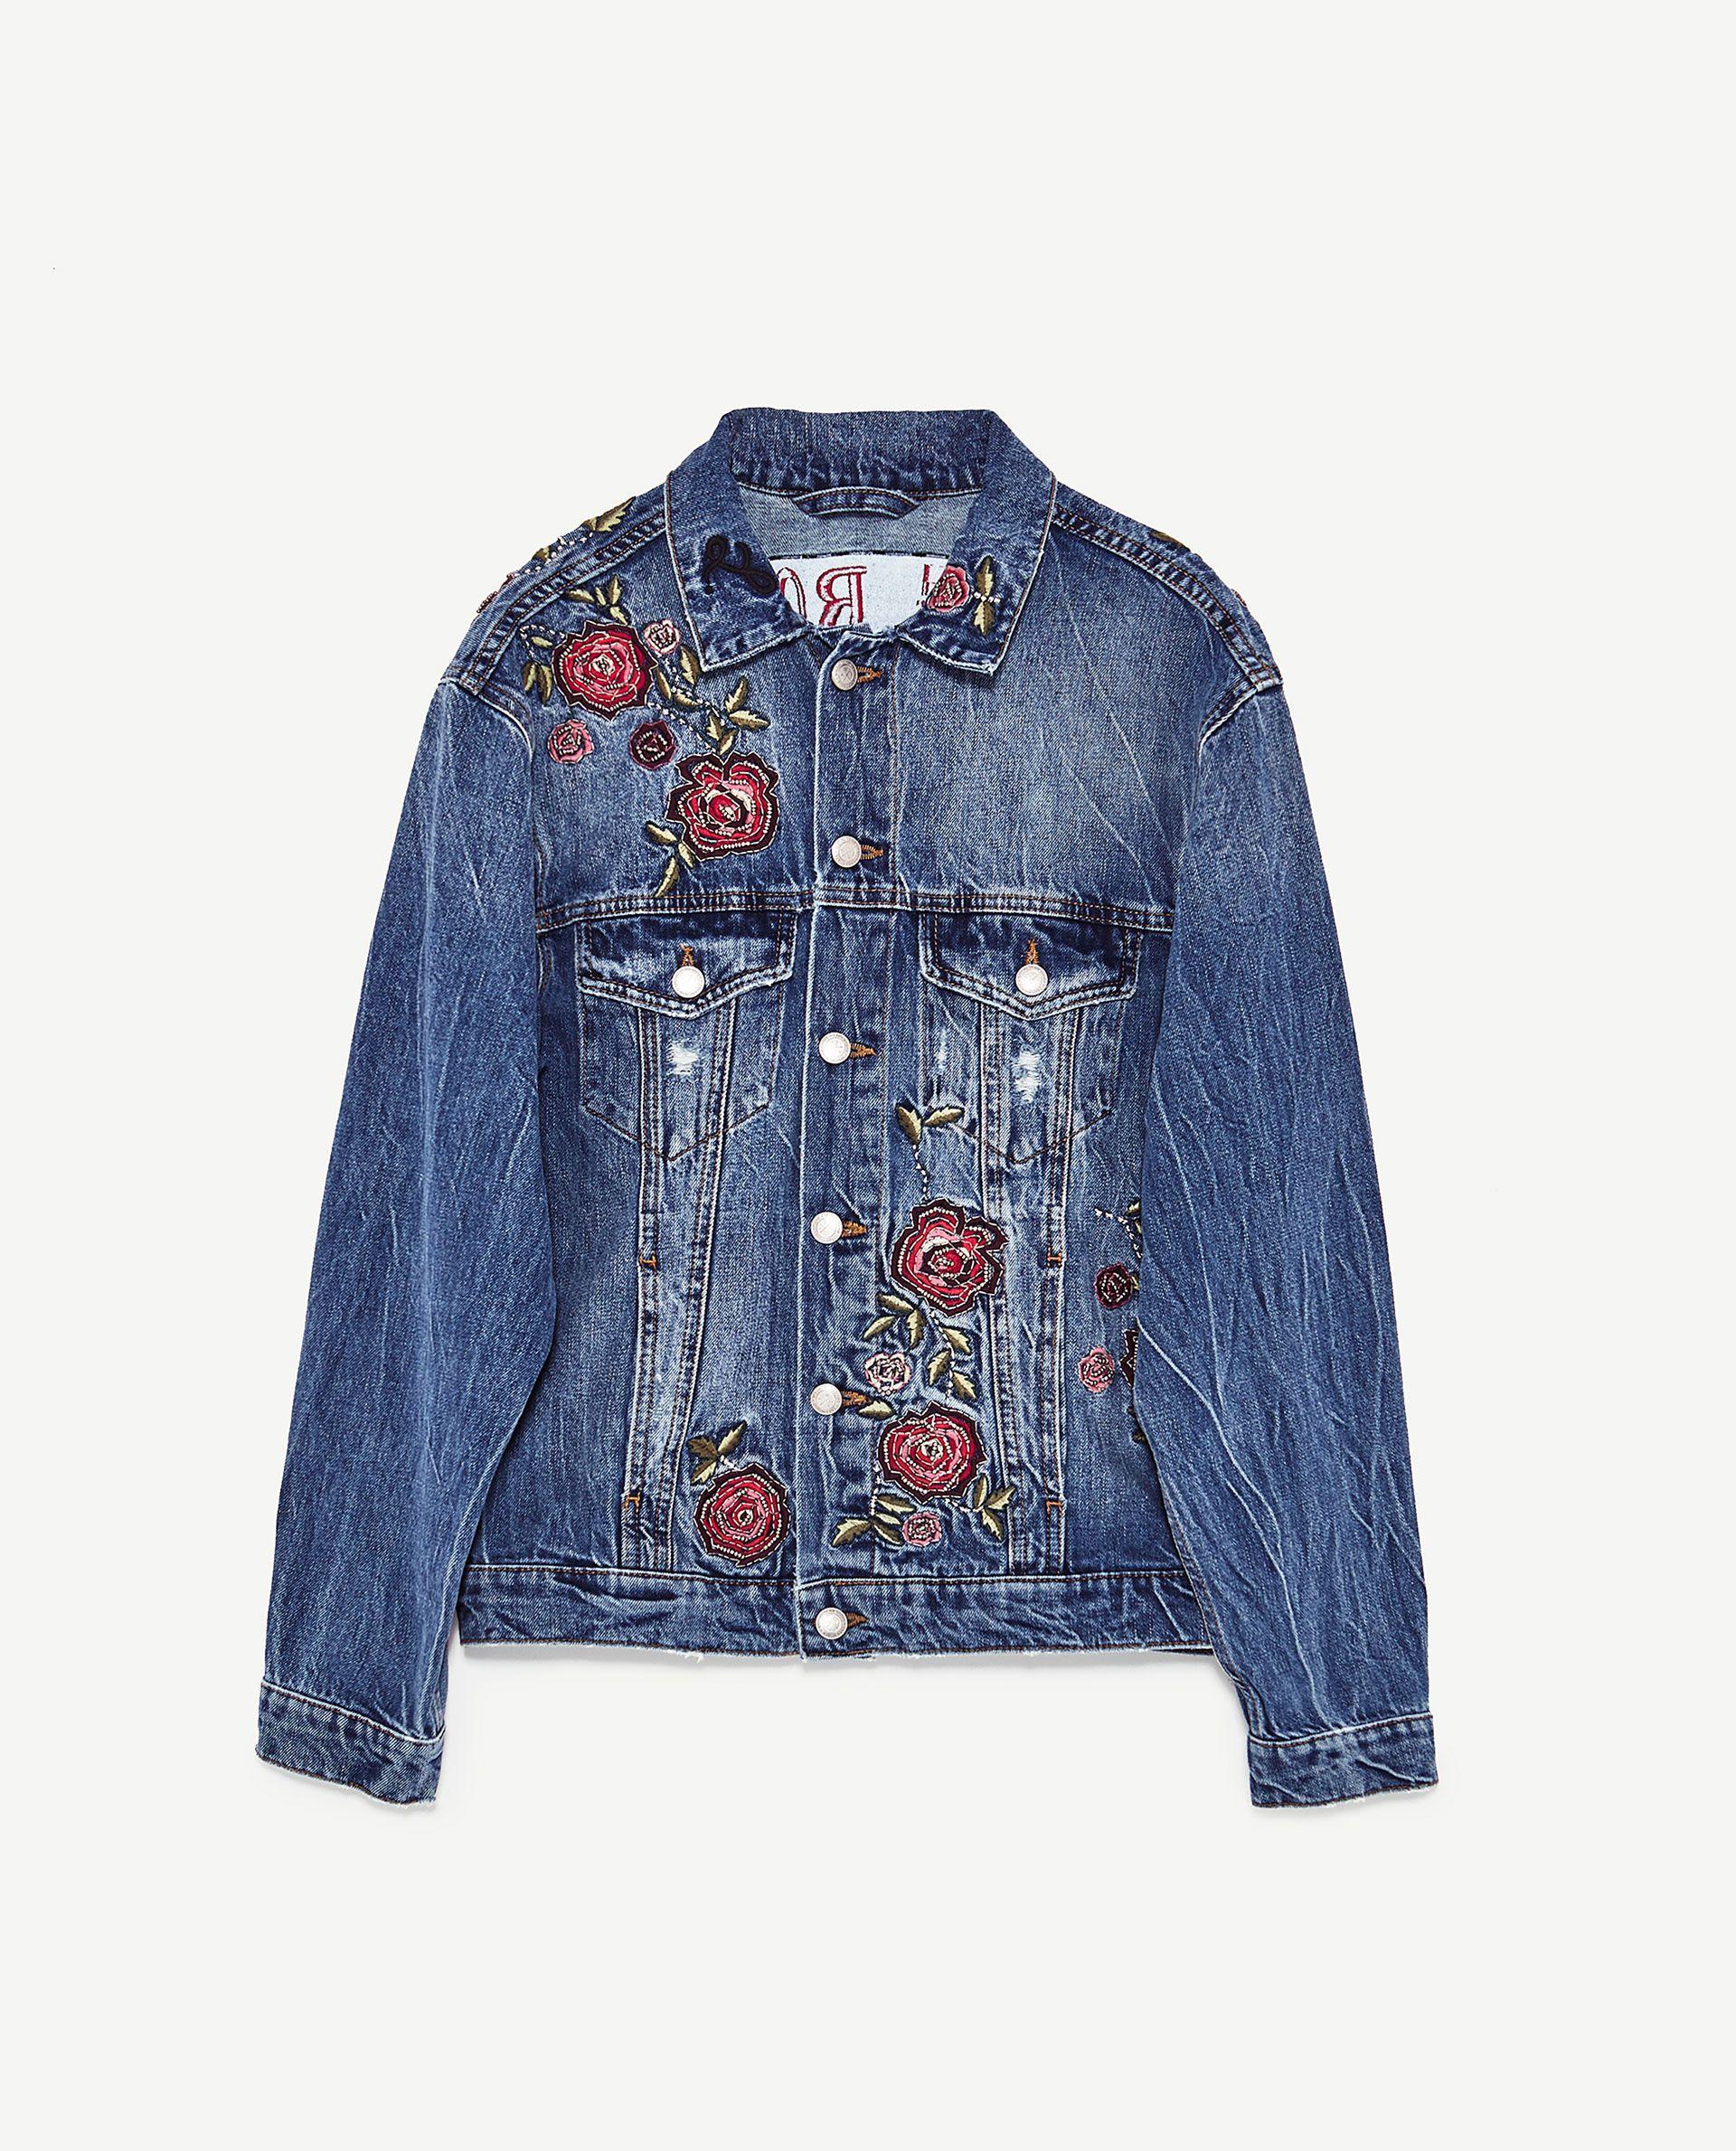 67240eaa JAKKE I DENIM MED BRODEREDE ROSER | Fashion & Design/Beauty